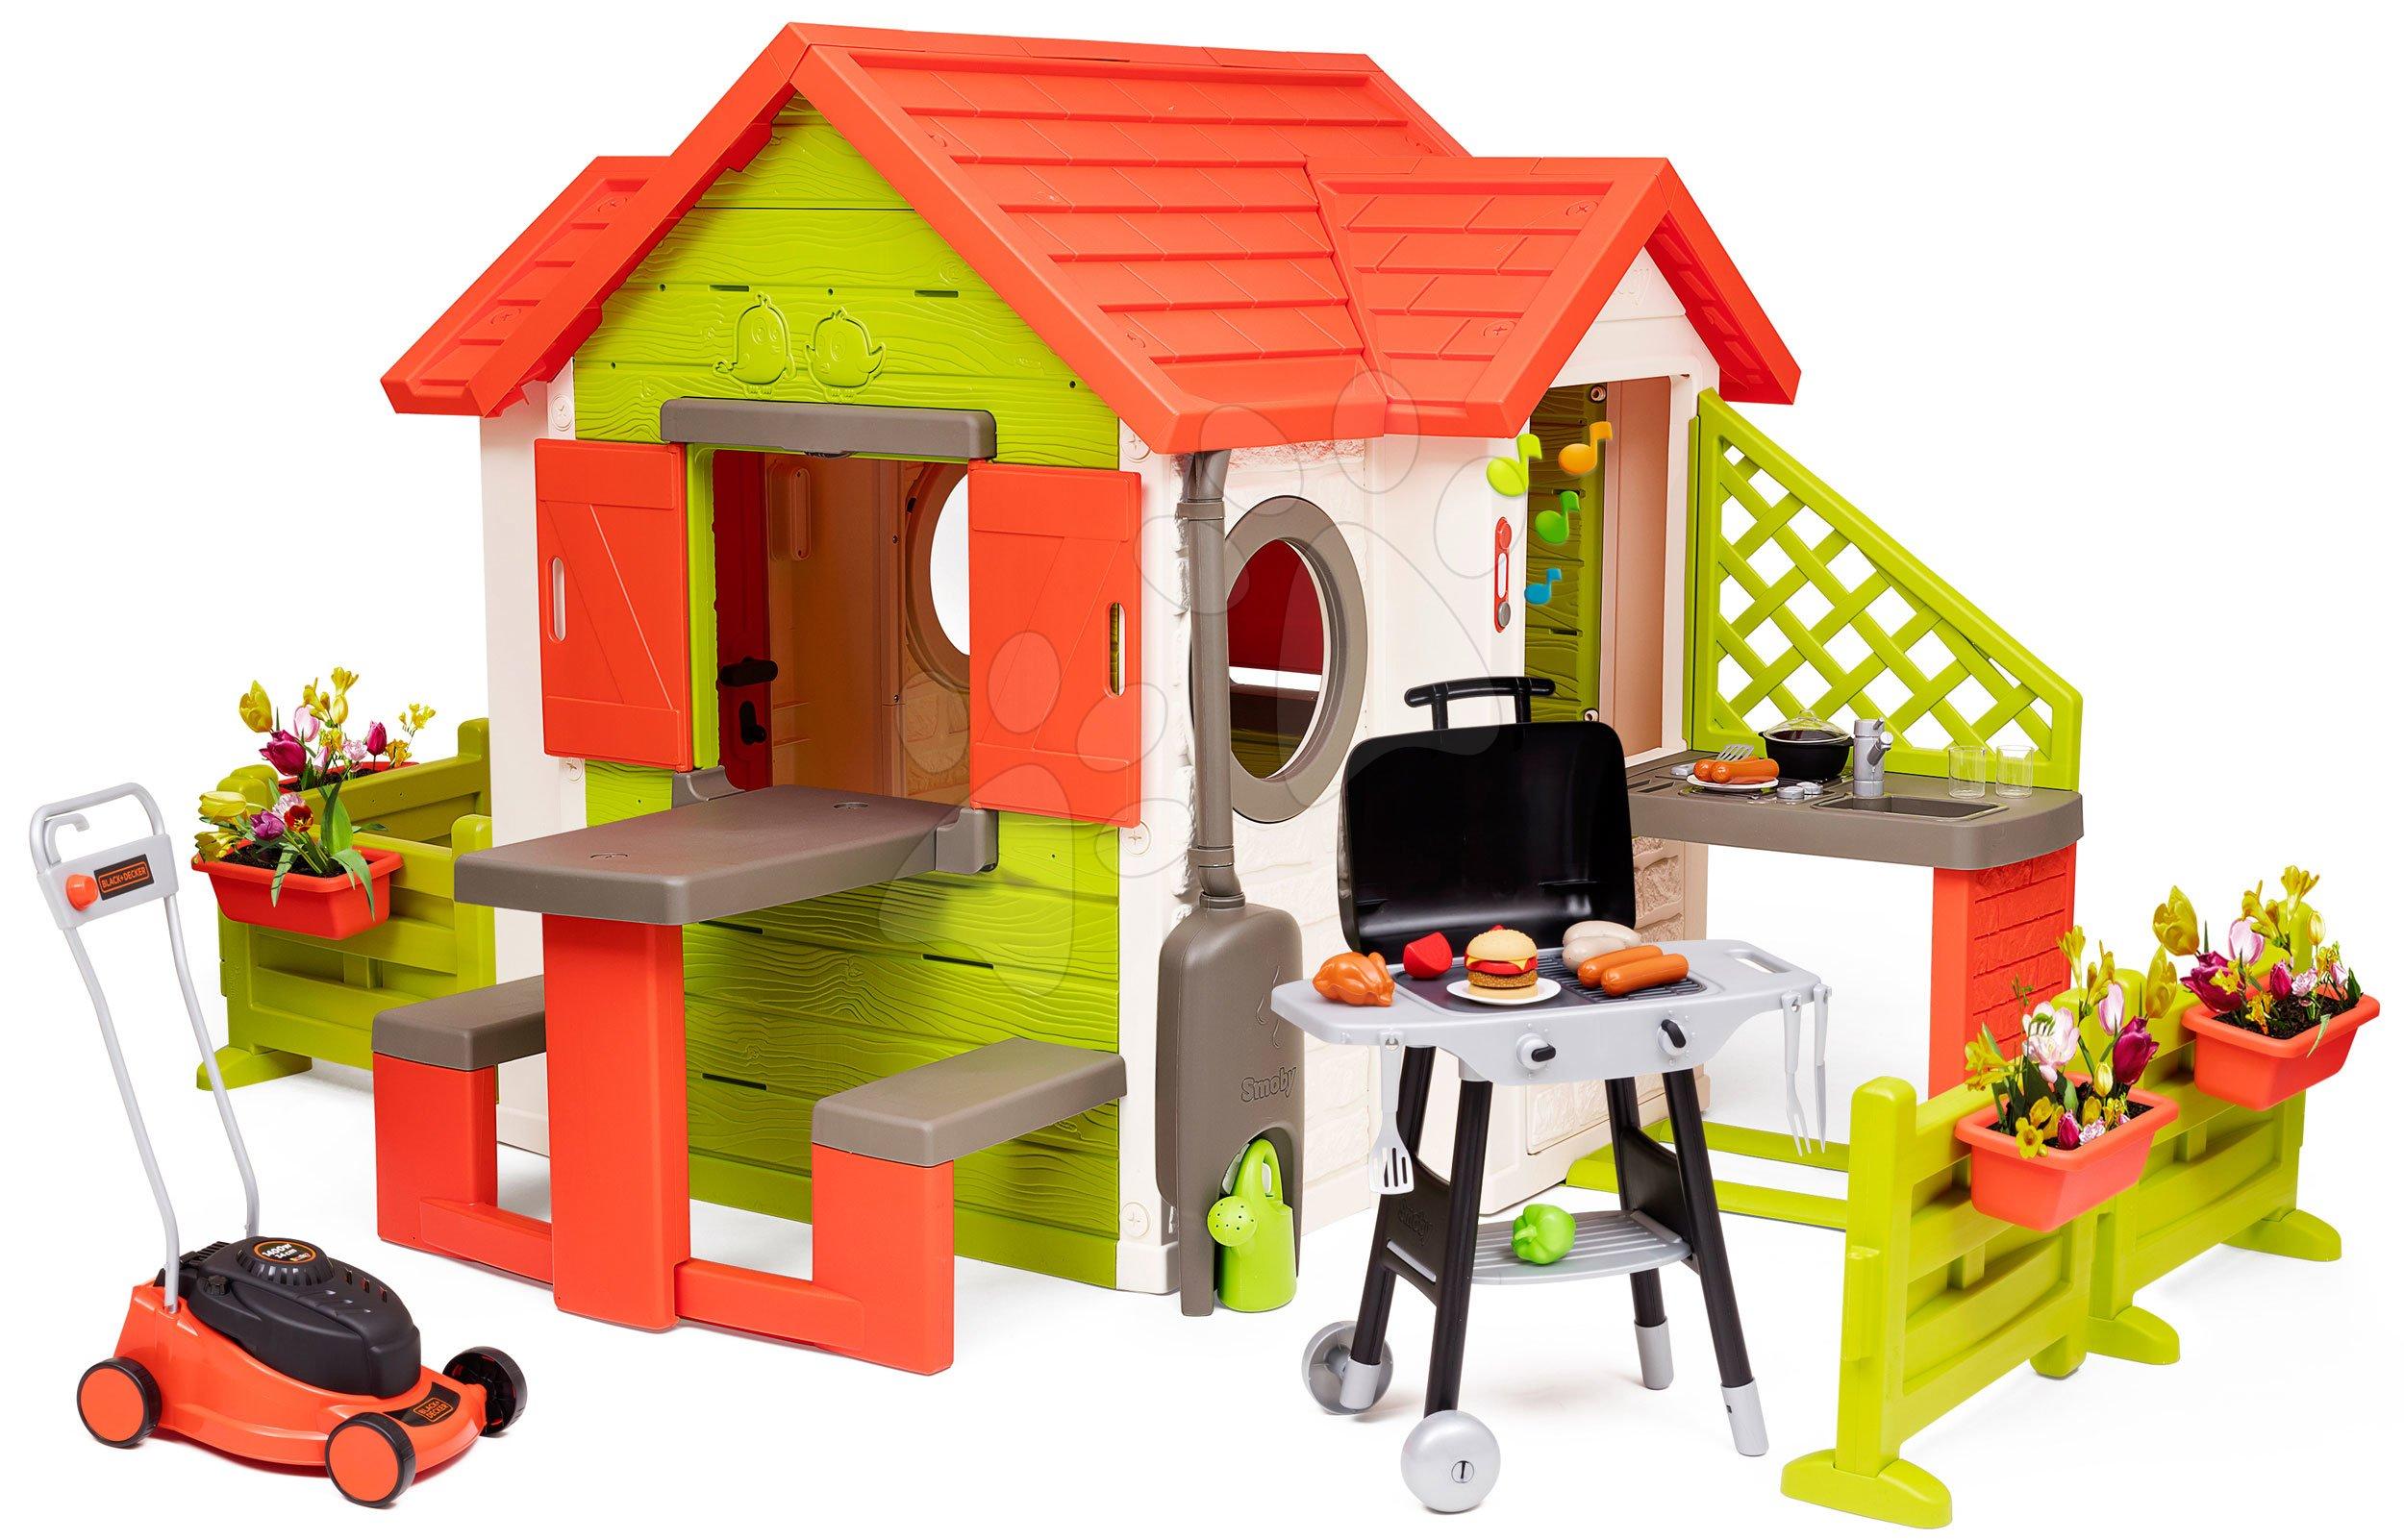 Căsuță My Neo House DeLuxe Smoby varianta extinsă cu grill de grădină și mașină de tuns iarbă Black&Decker